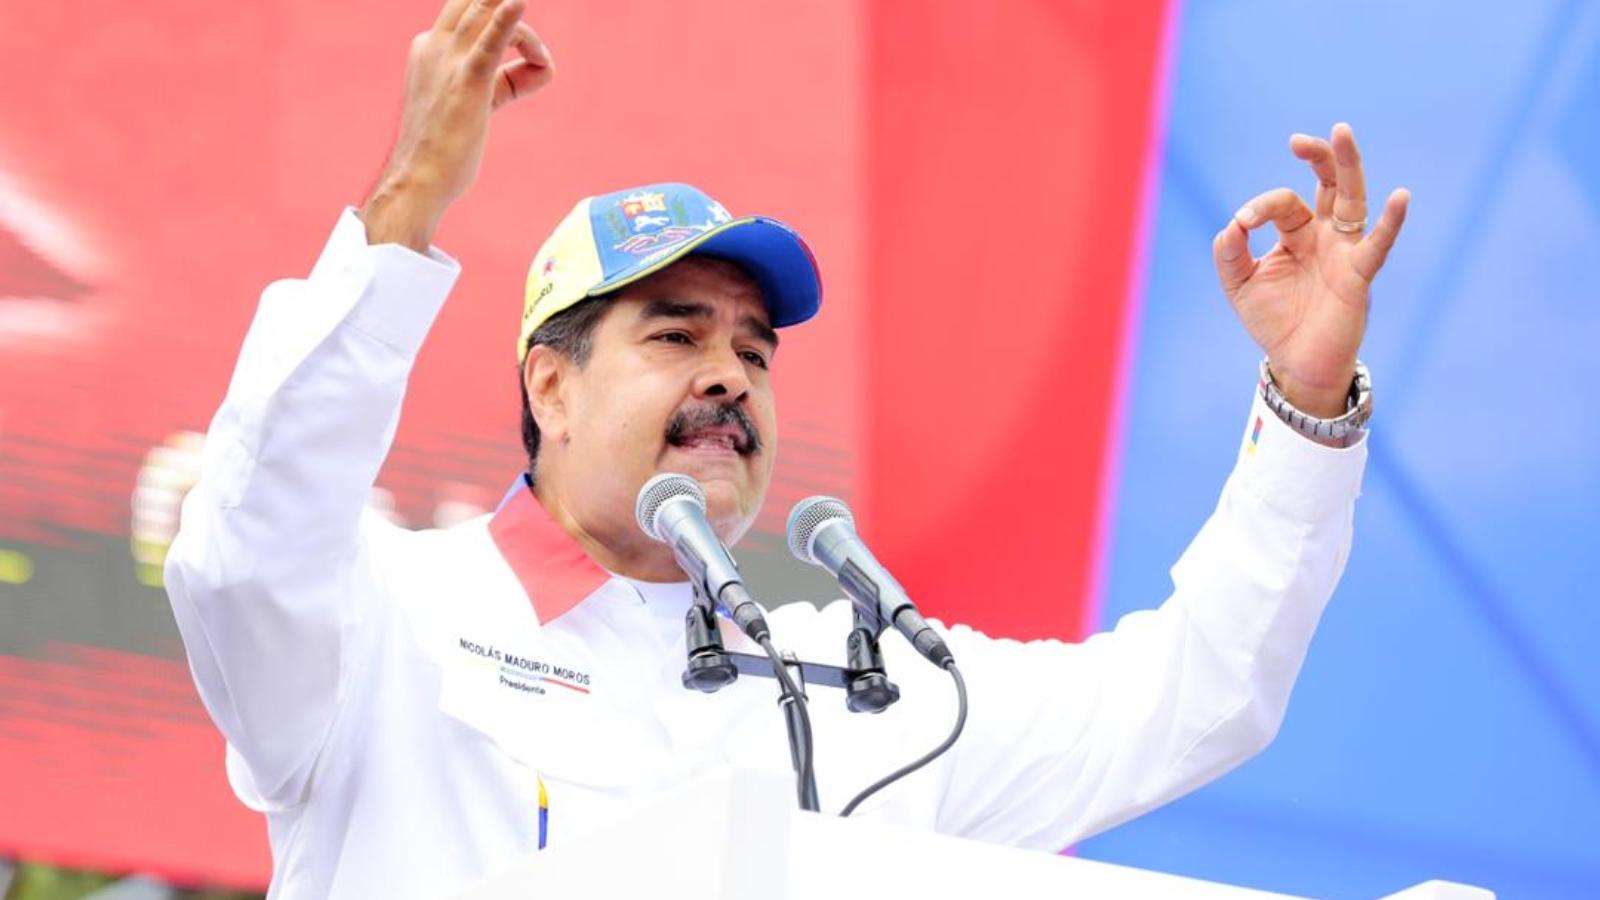 Maduro denuncia que incendio provocado generó nuevo apagón en Venezuela